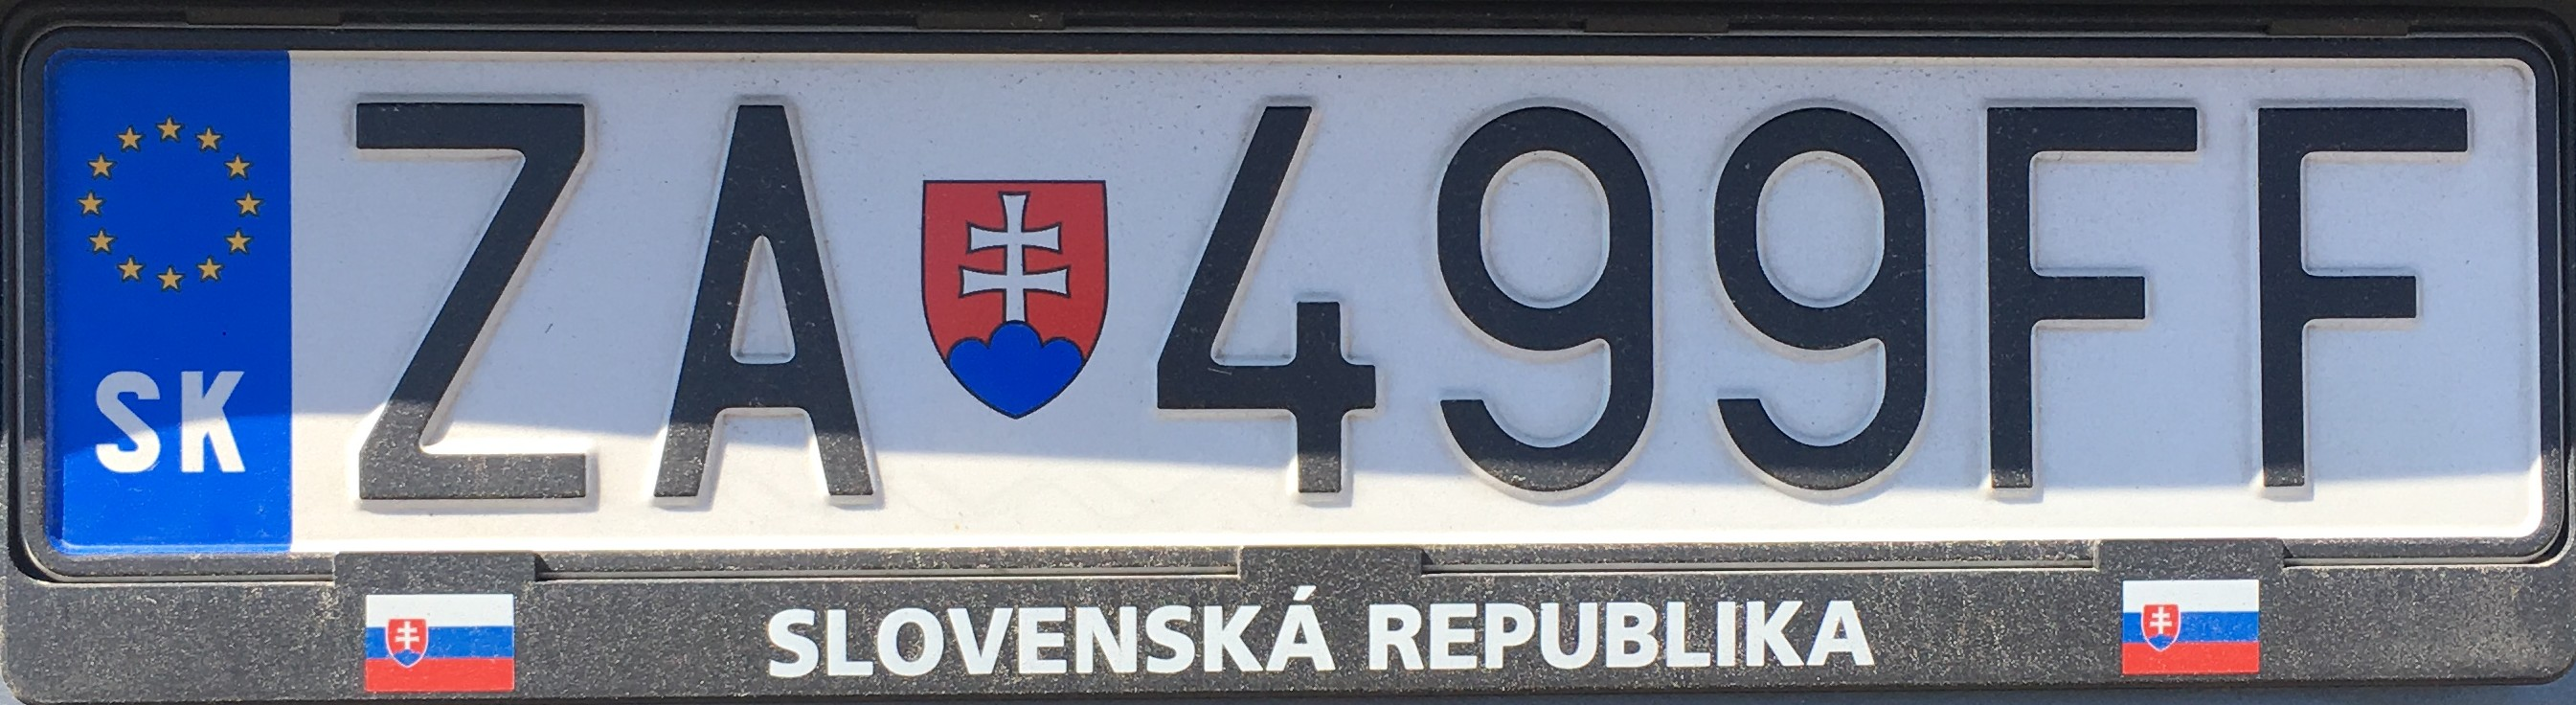 Registrační značka: ZA - Žilina, foto: vlastní